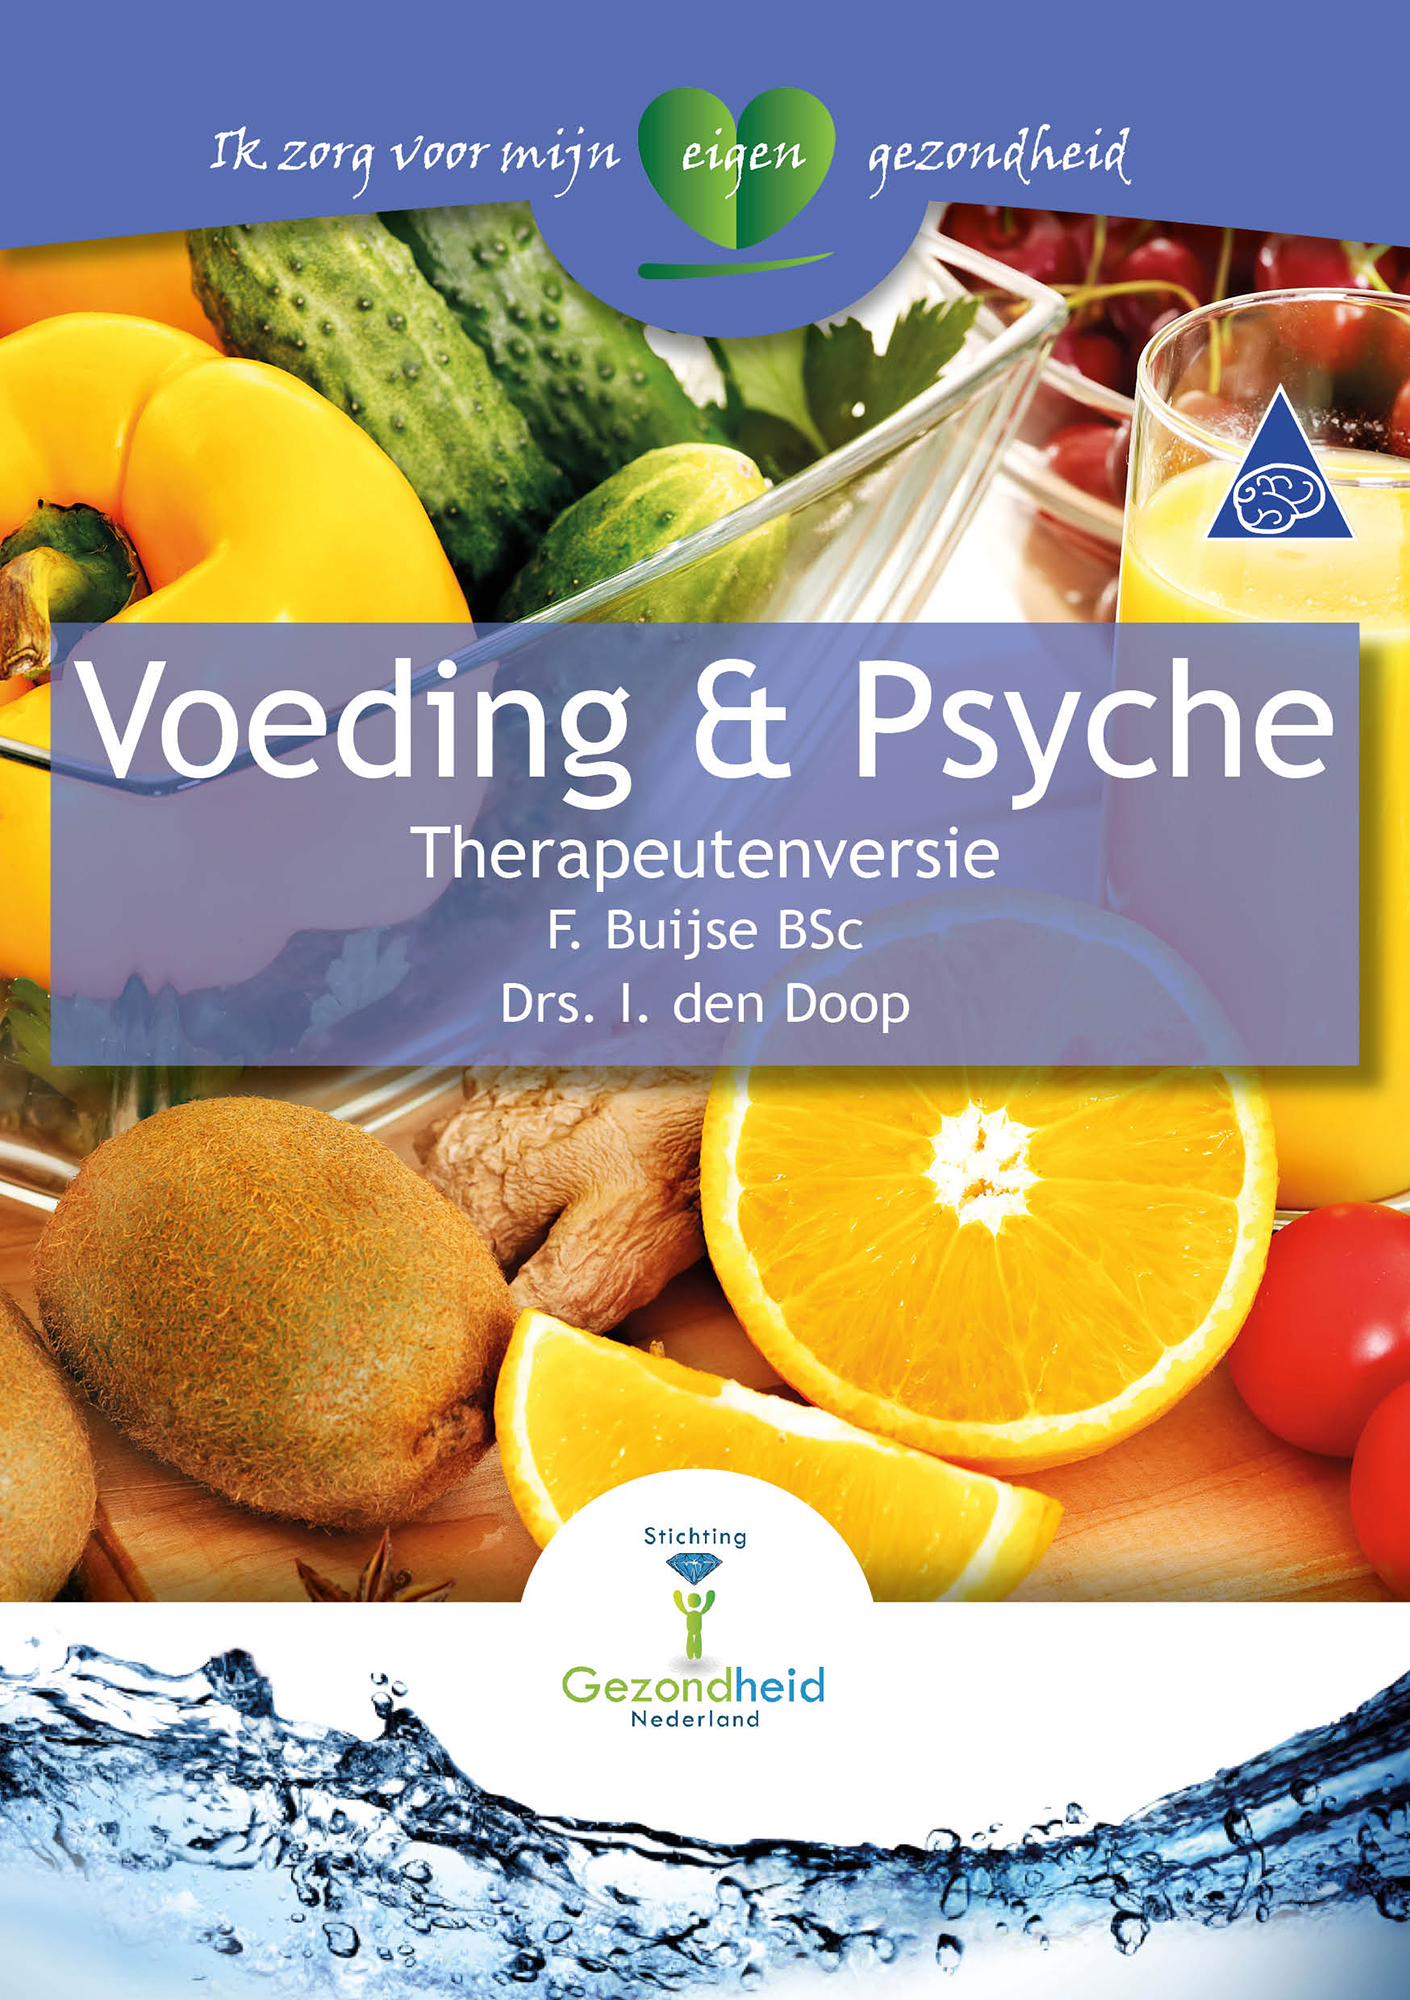 Voeding & Psyche therapeutenversie